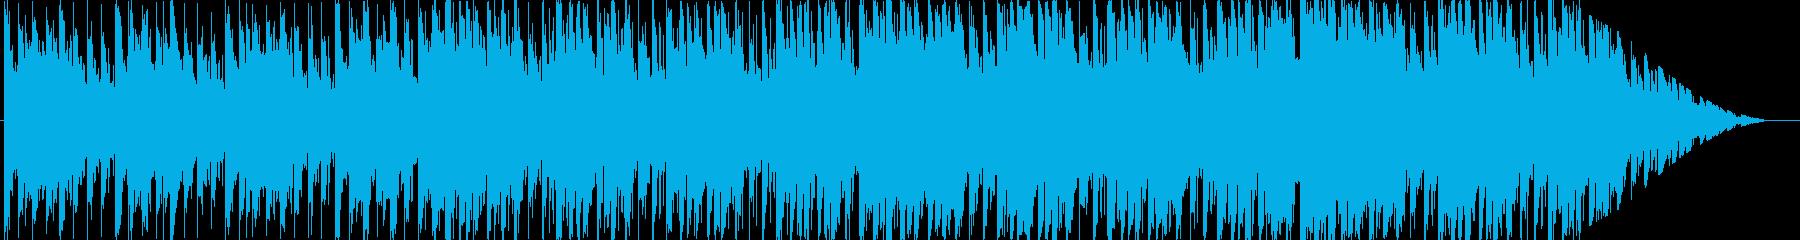 ジングル - ディープハウスの再生済みの波形